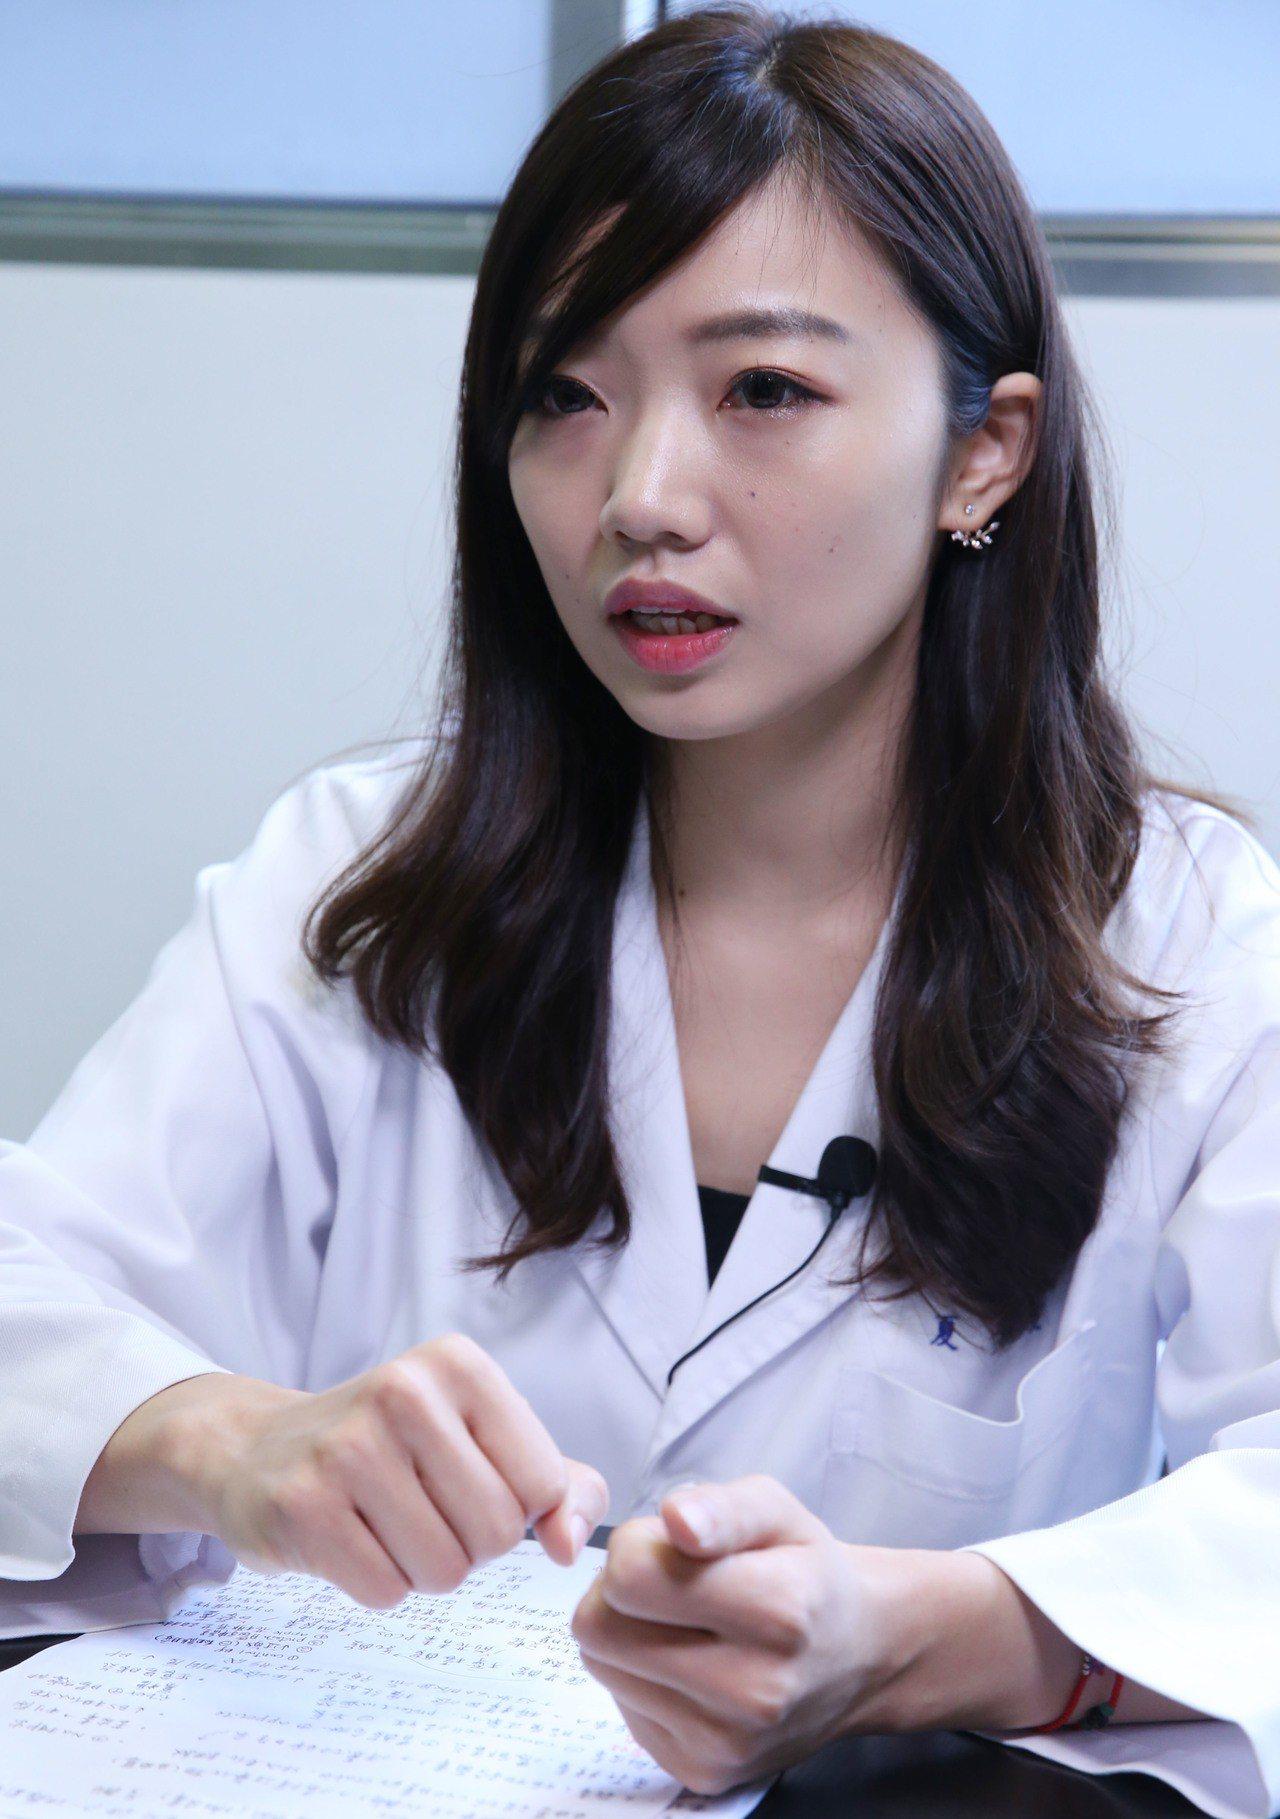 新光醫院營養師夏子雯表示,她和很多女性一樣,就算平常規律運動,但冬天還是有手腳冰...